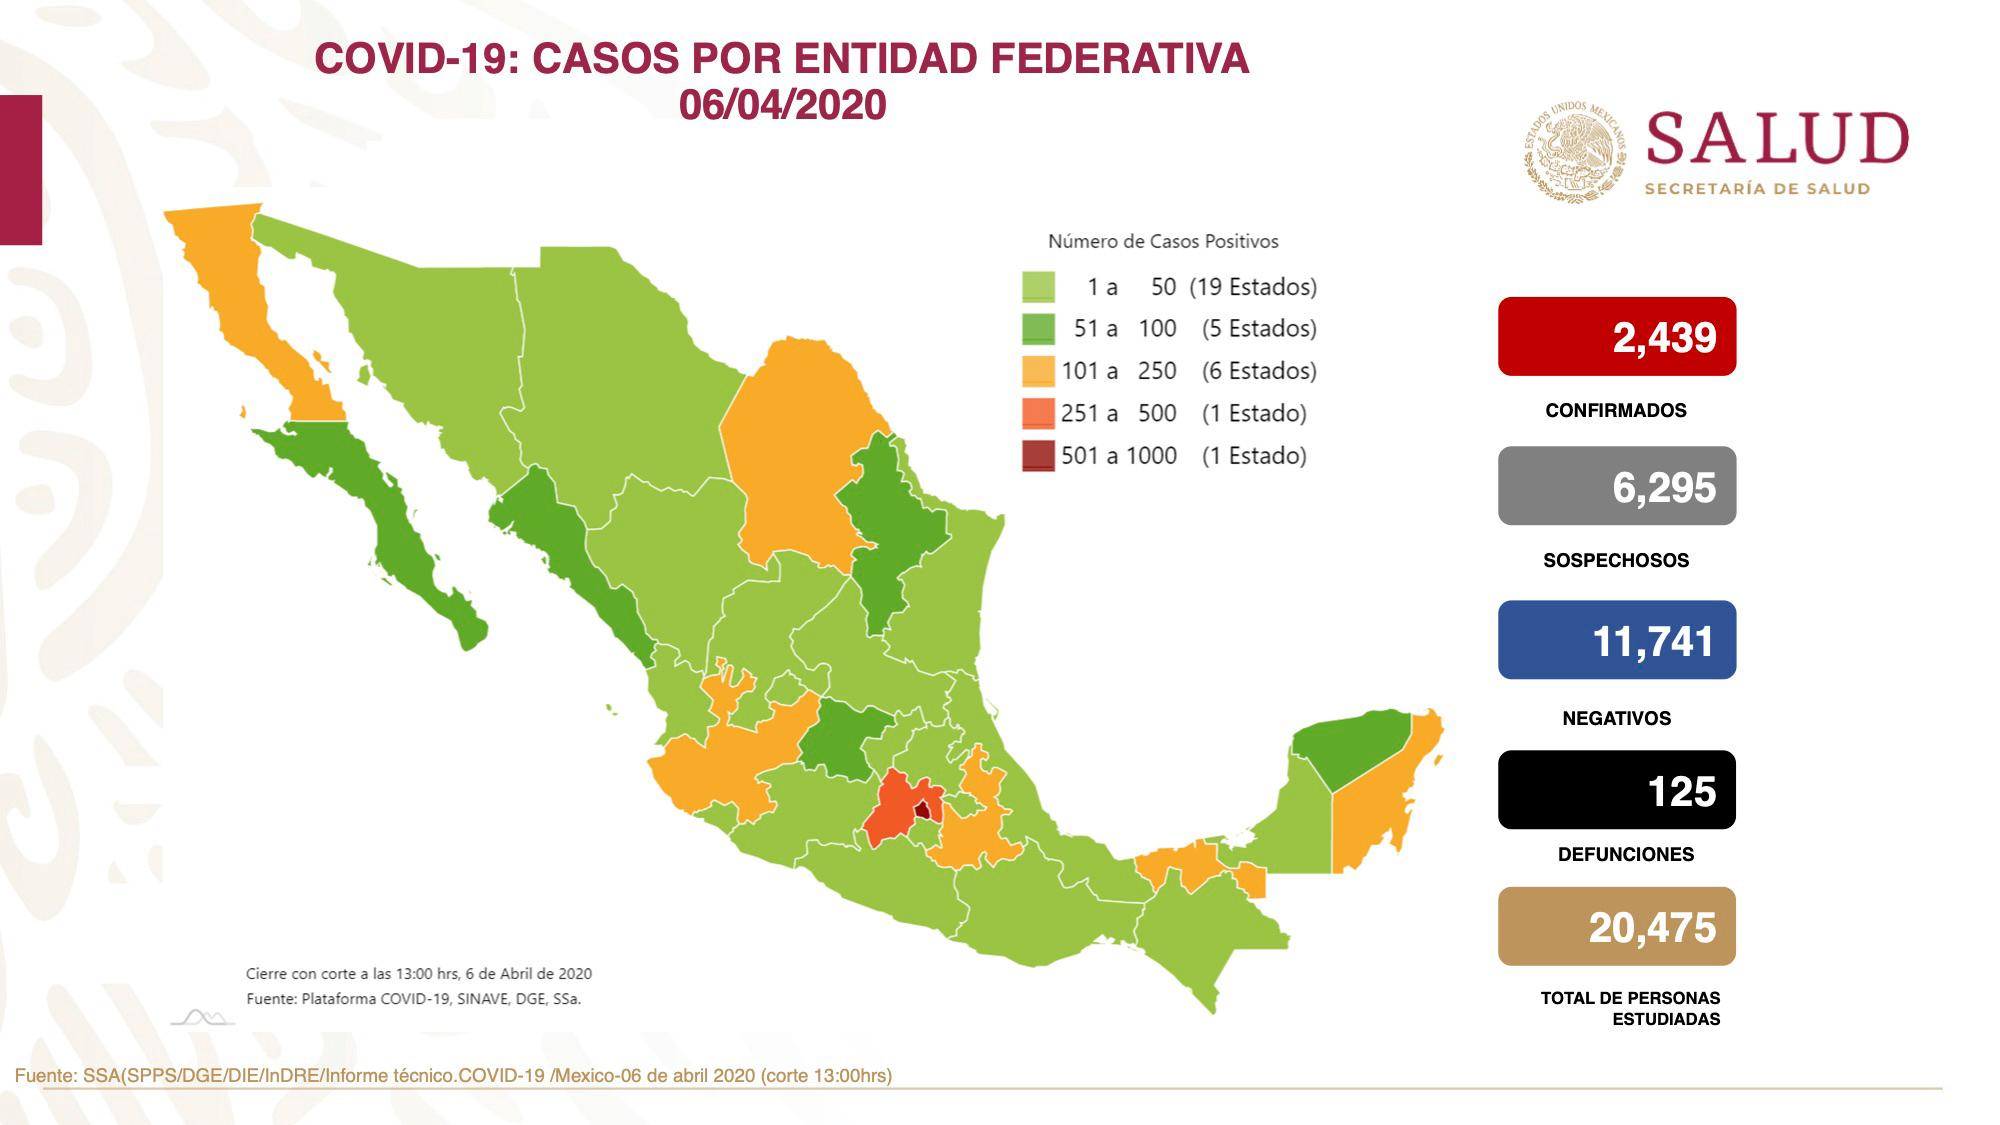 SUMAN 2,439 CASOS POSITIVOS DE COVID-19 EN MÉXICO